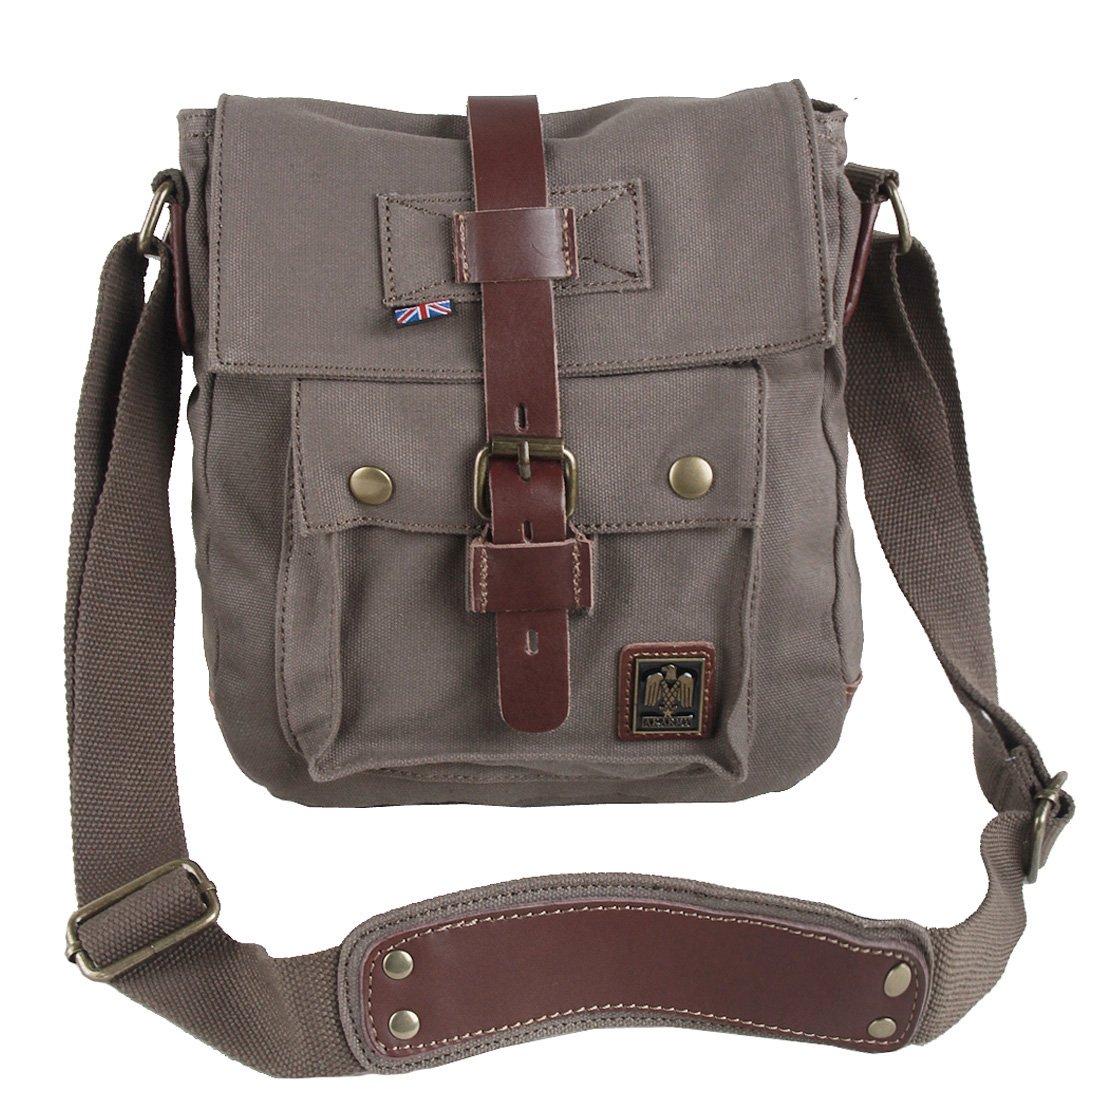 AkGOO Small Vintage Shoulder Bag Crossbody Satchel Canvas Leather Messenger Bag